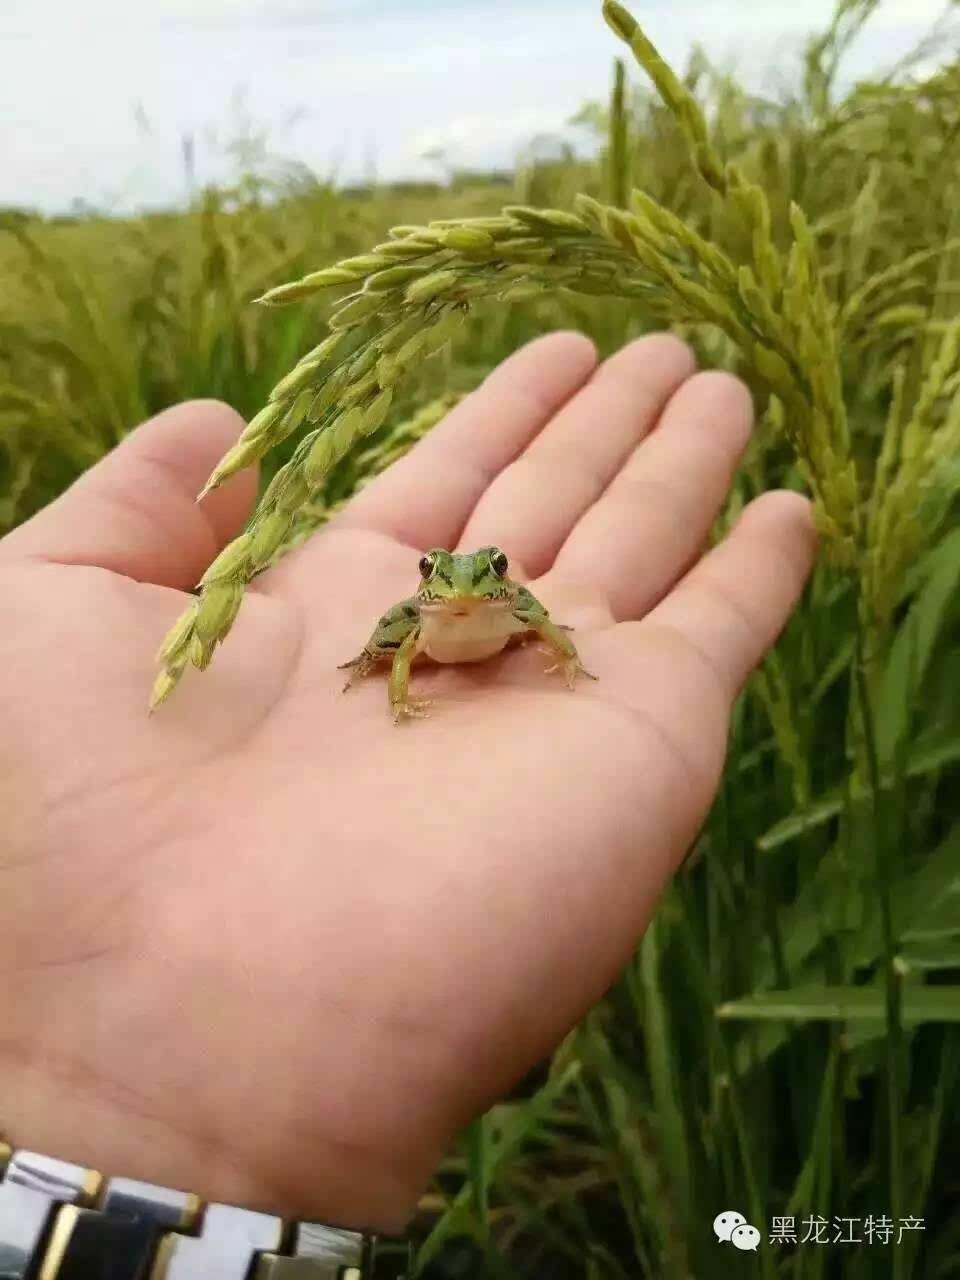 稻田里的青蛙